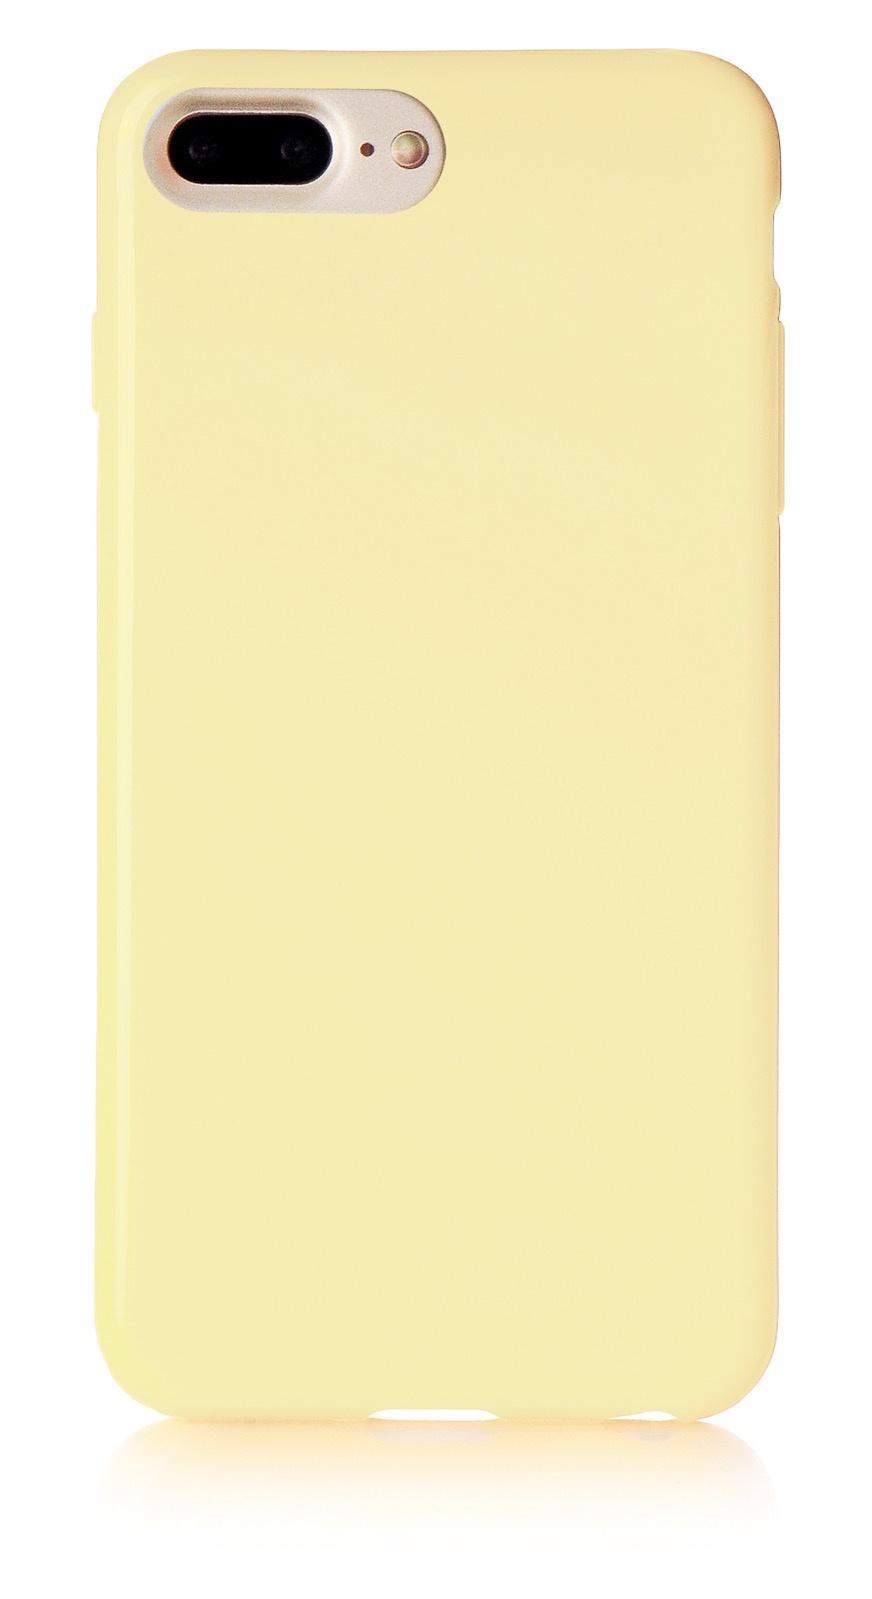 """Чехол для сотового телефона iNeez накладка силикон мыльница 901416 для Apple Iphone 7 Plus/8 Plus 5.5"""", светло-коричневый"""